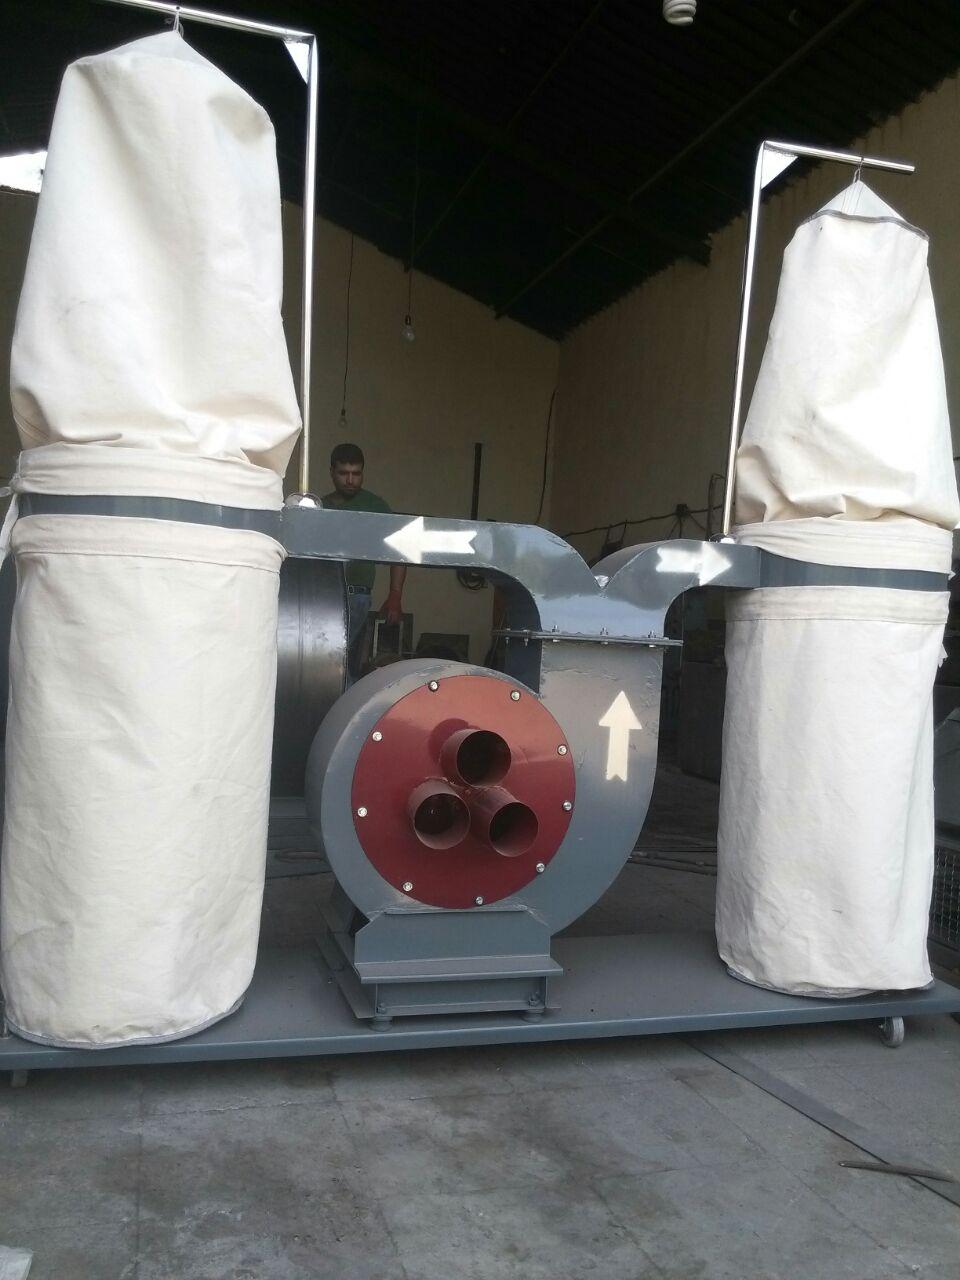 نمونه ای از دستگاه مکنده صنعتی